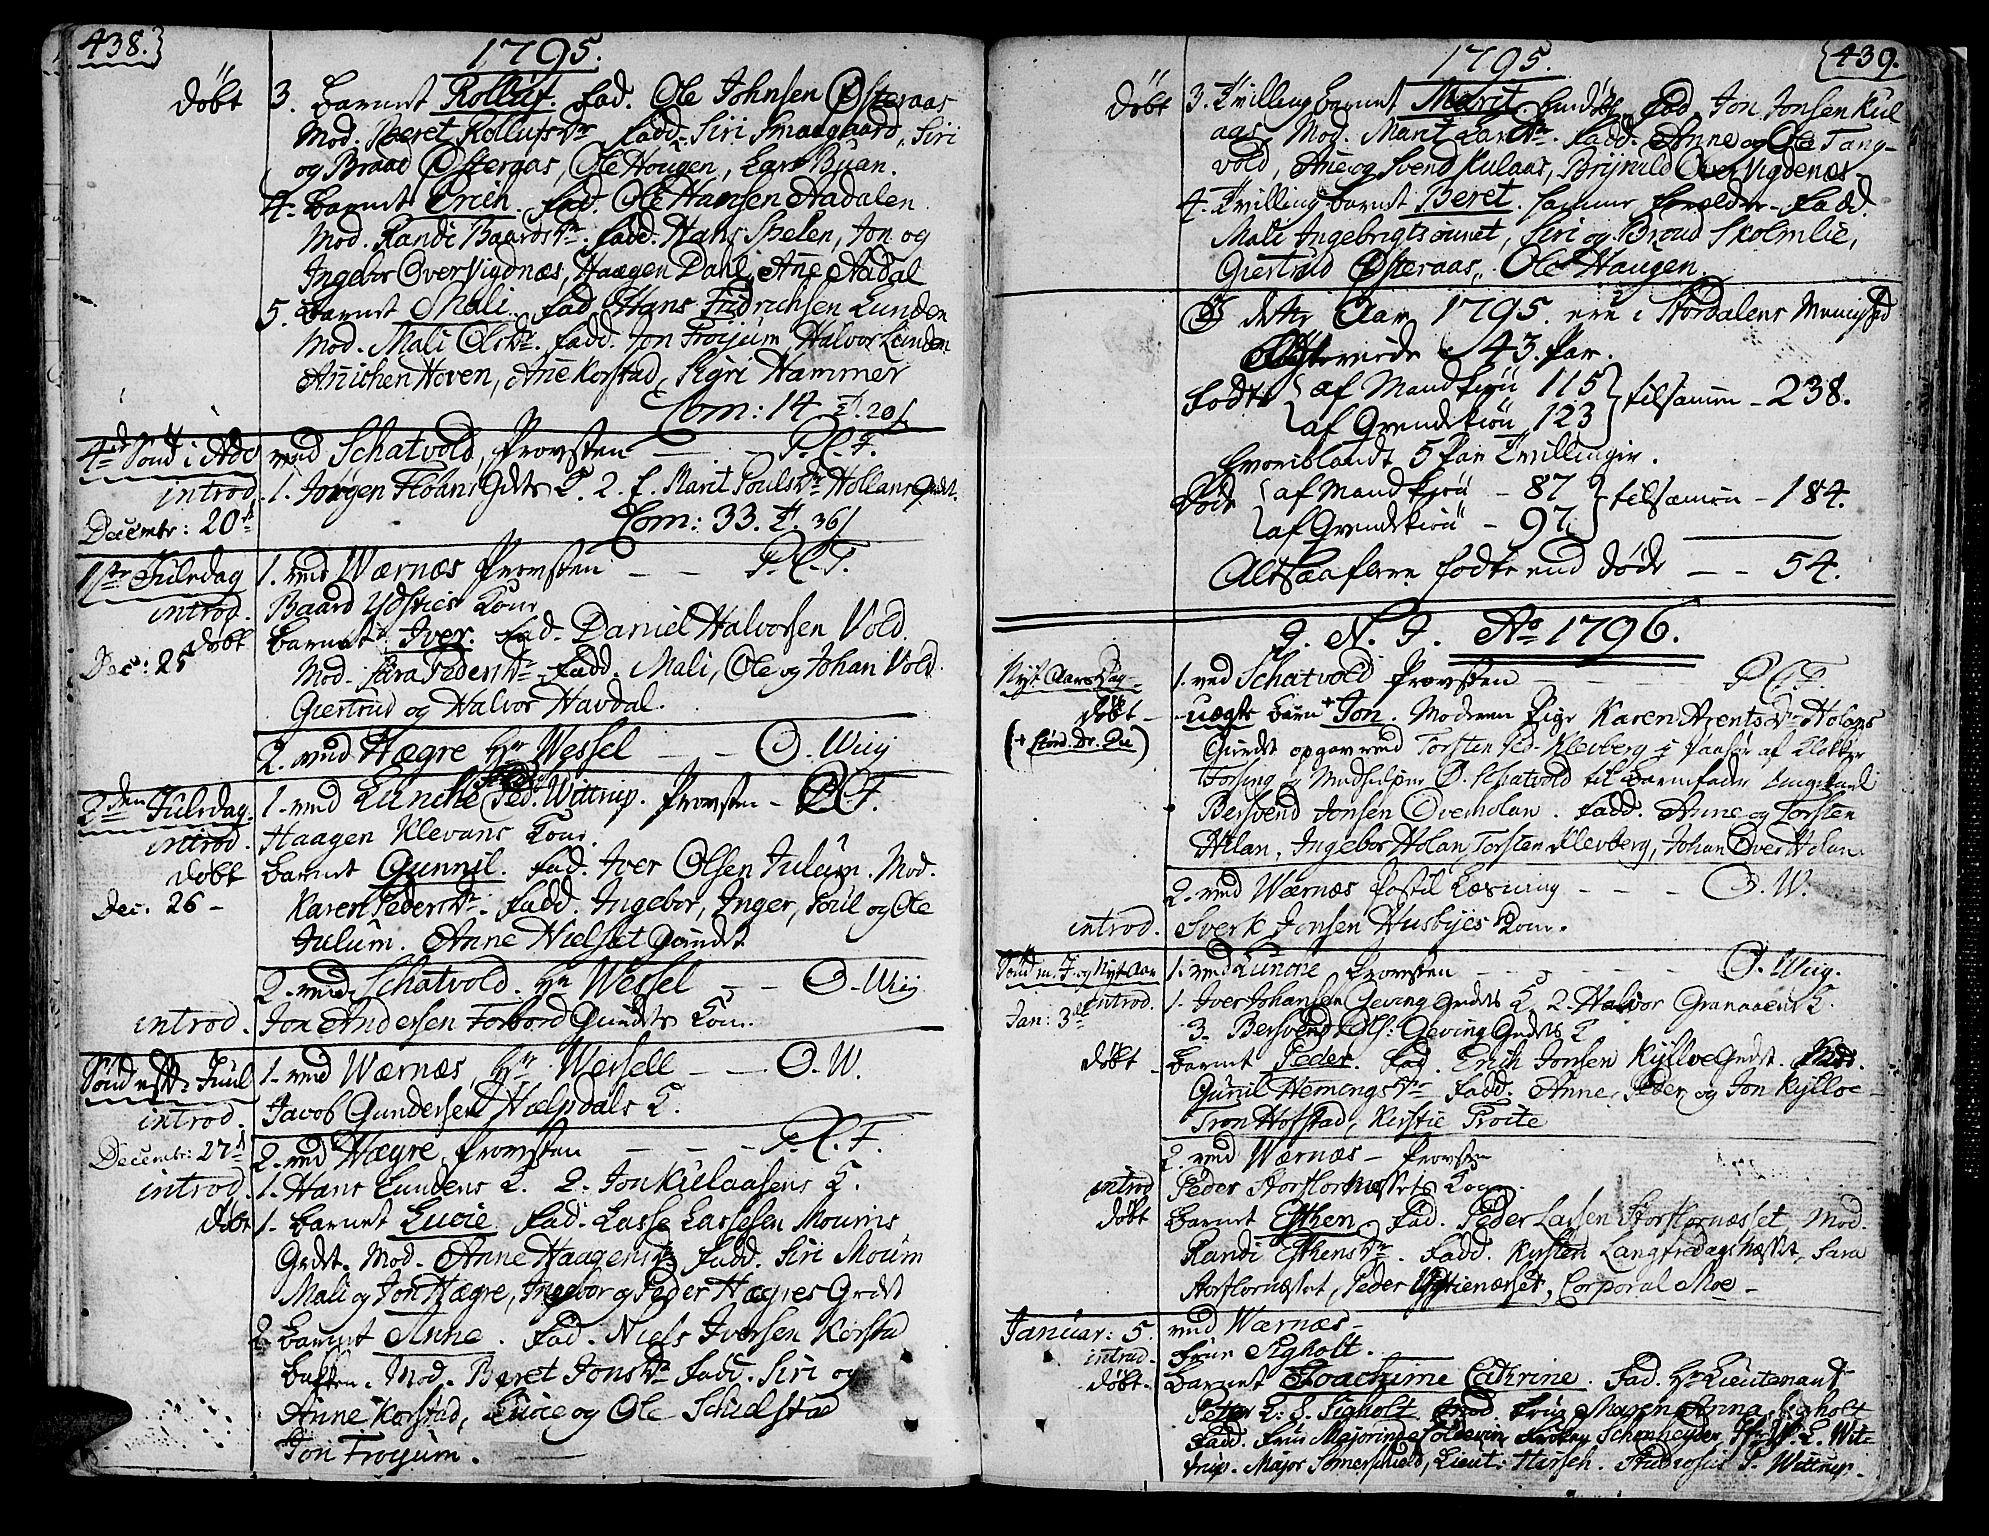 SAT, Ministerialprotokoller, klokkerbøker og fødselsregistre - Nord-Trøndelag, 709/L0059: Ministerialbok nr. 709A06, 1781-1797, s. 438-439